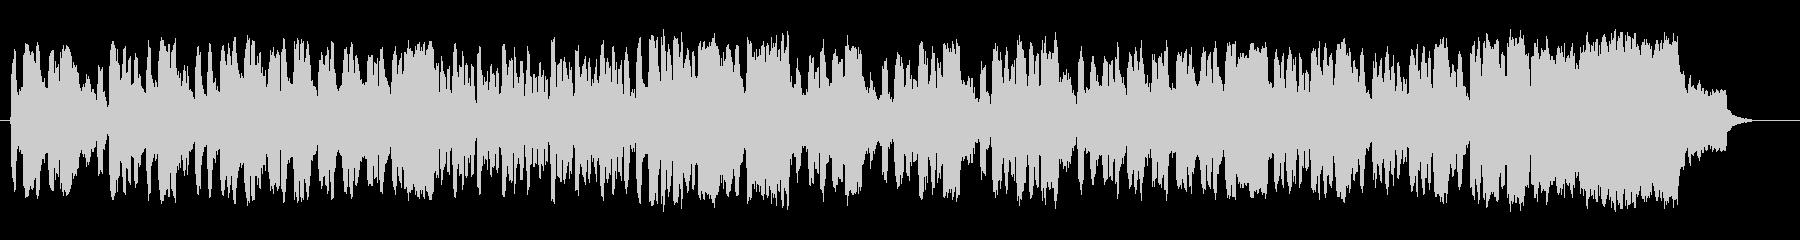 木管楽器が奏でるほのぼのアンサンブルの未再生の波形